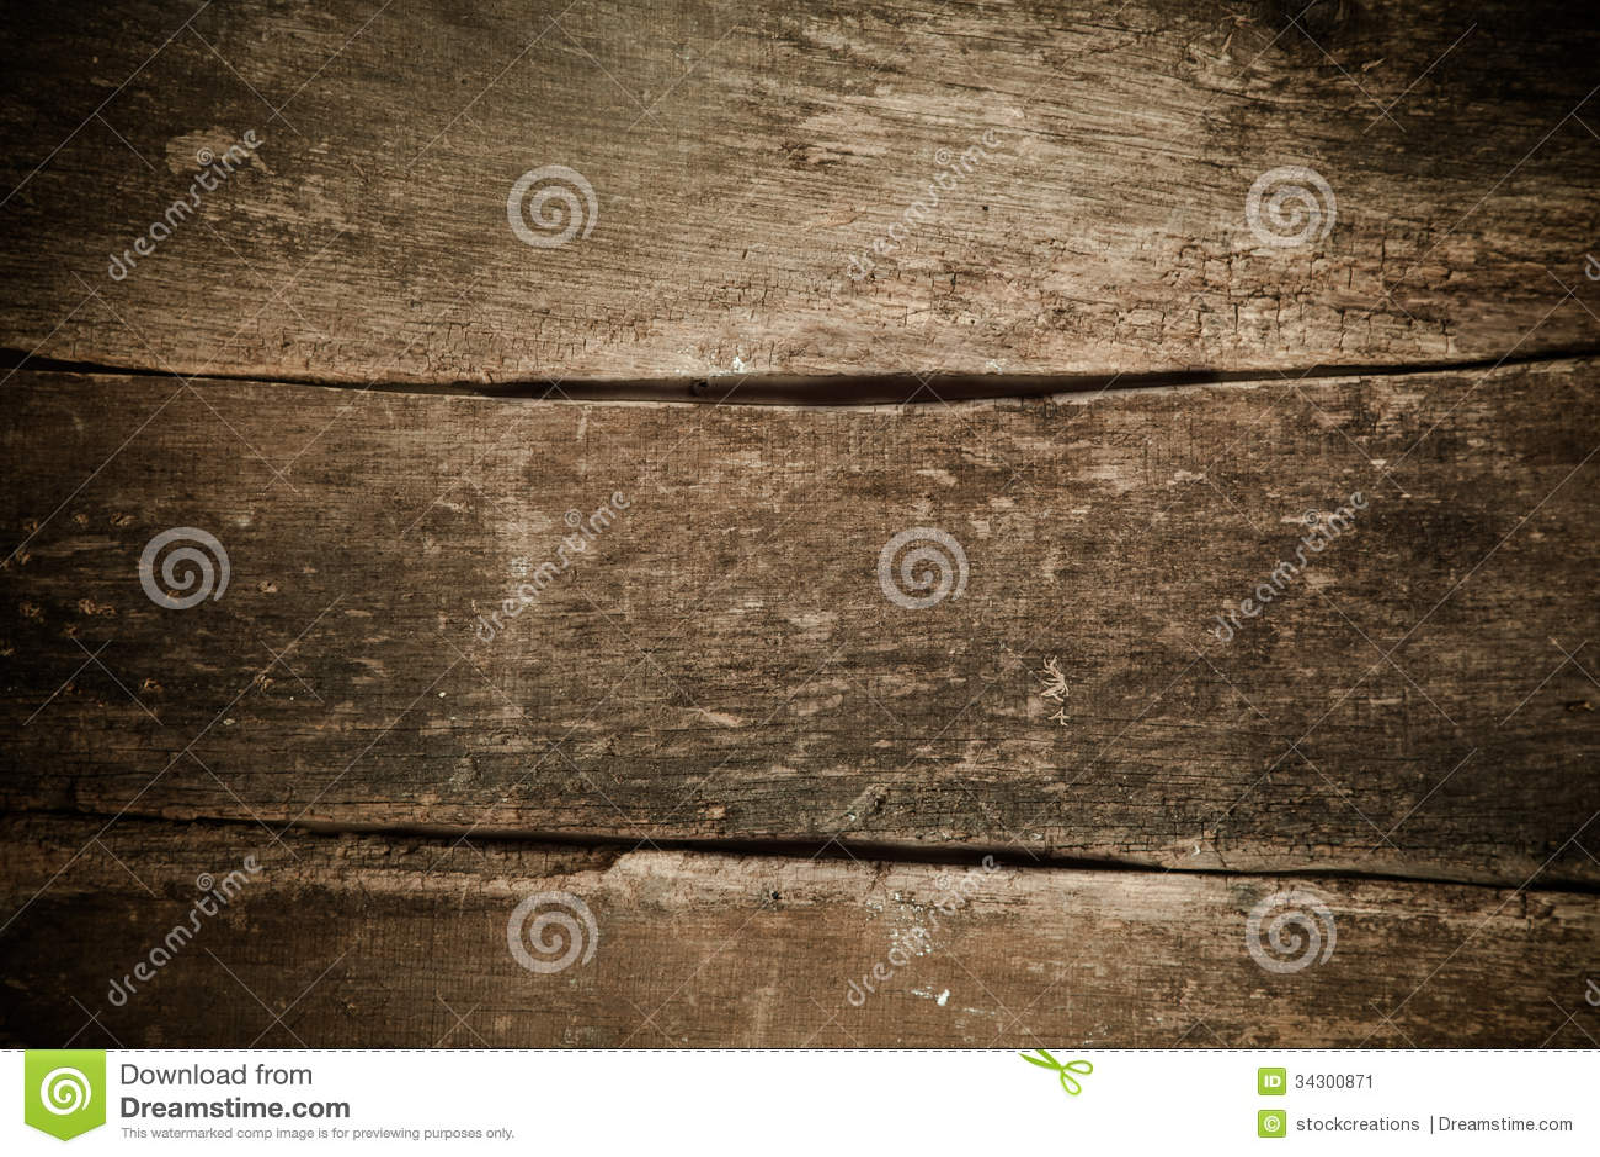 Fond de vieilles planches en bois texturis es image stock for Vieille planche de bois